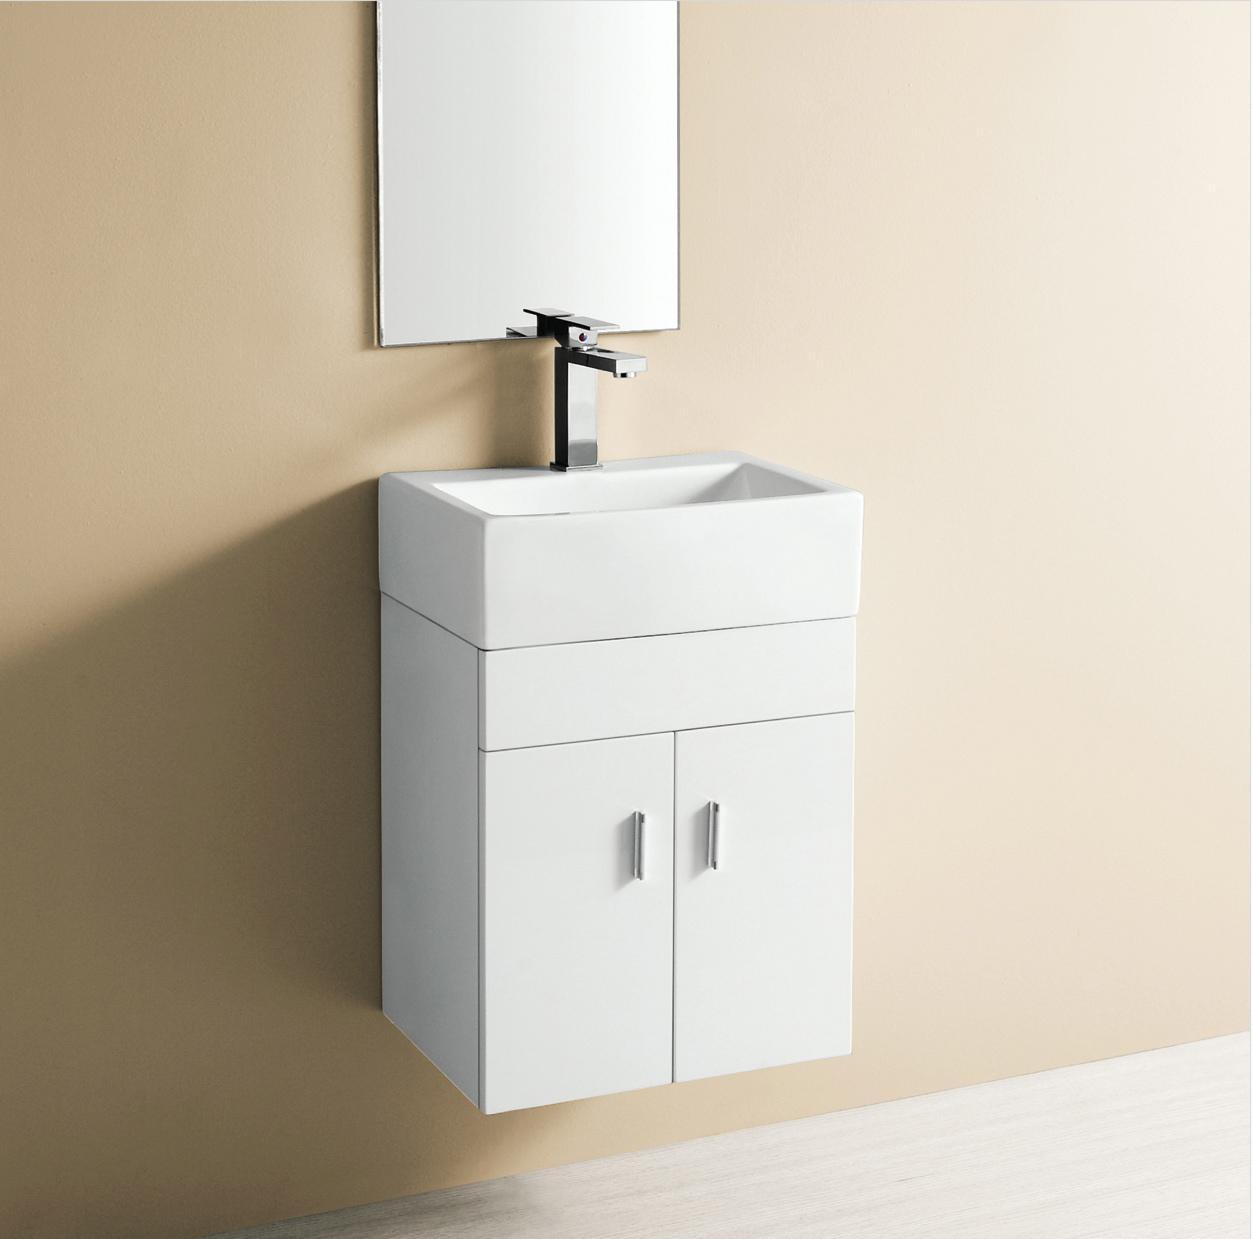 Wall hanging sink bathroom - Elite Sinks Sinks Rectangle Sink Bathroom Sink Vanity Set Vanity